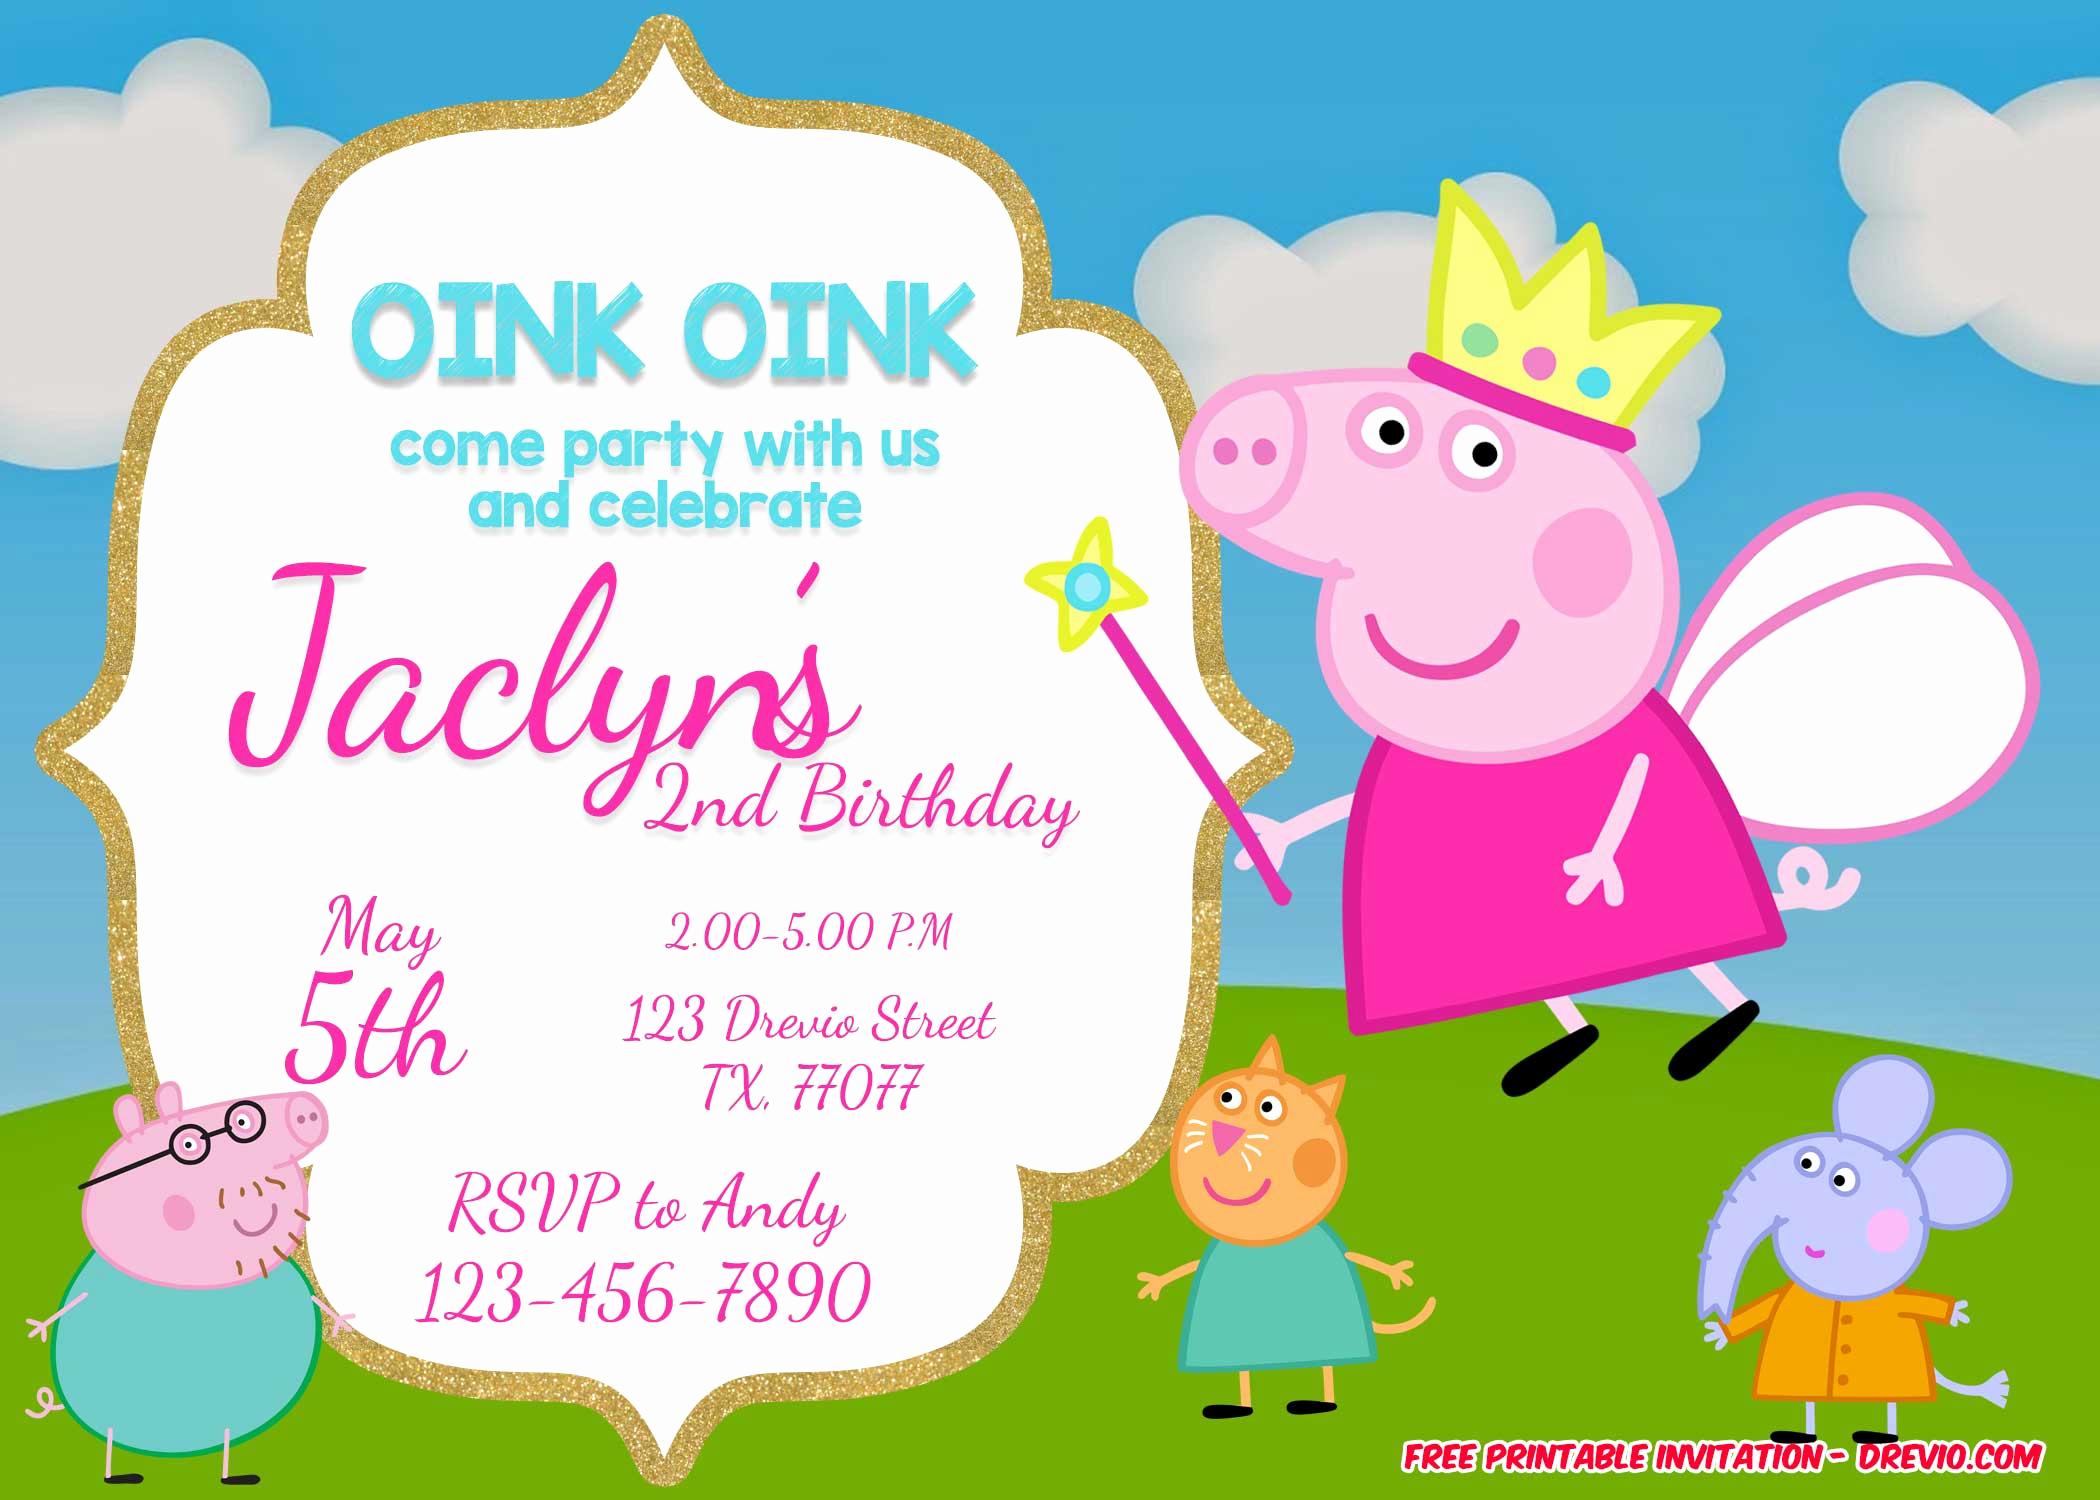 Birthday Party Invitation Templates Unique Free Printable Peppa Pig Invitation Birthday Templates